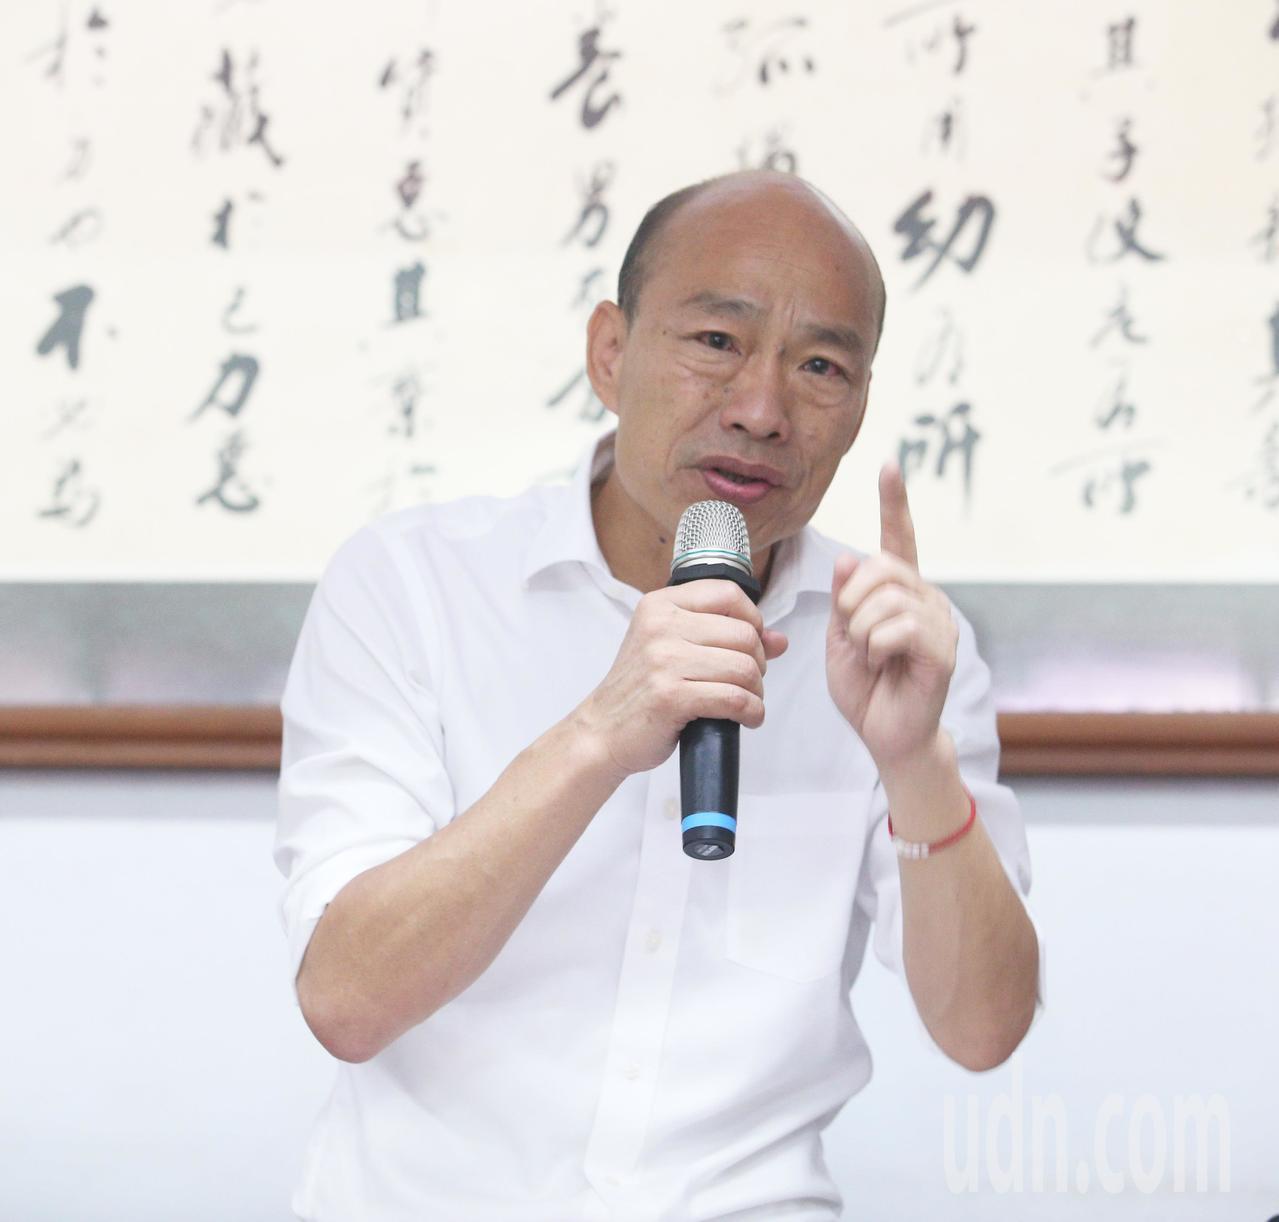 國民黨總統參選人韓國瑜表示,蔡英文的民進黨政府口口聲聲說最會維護台灣的主權,但是...